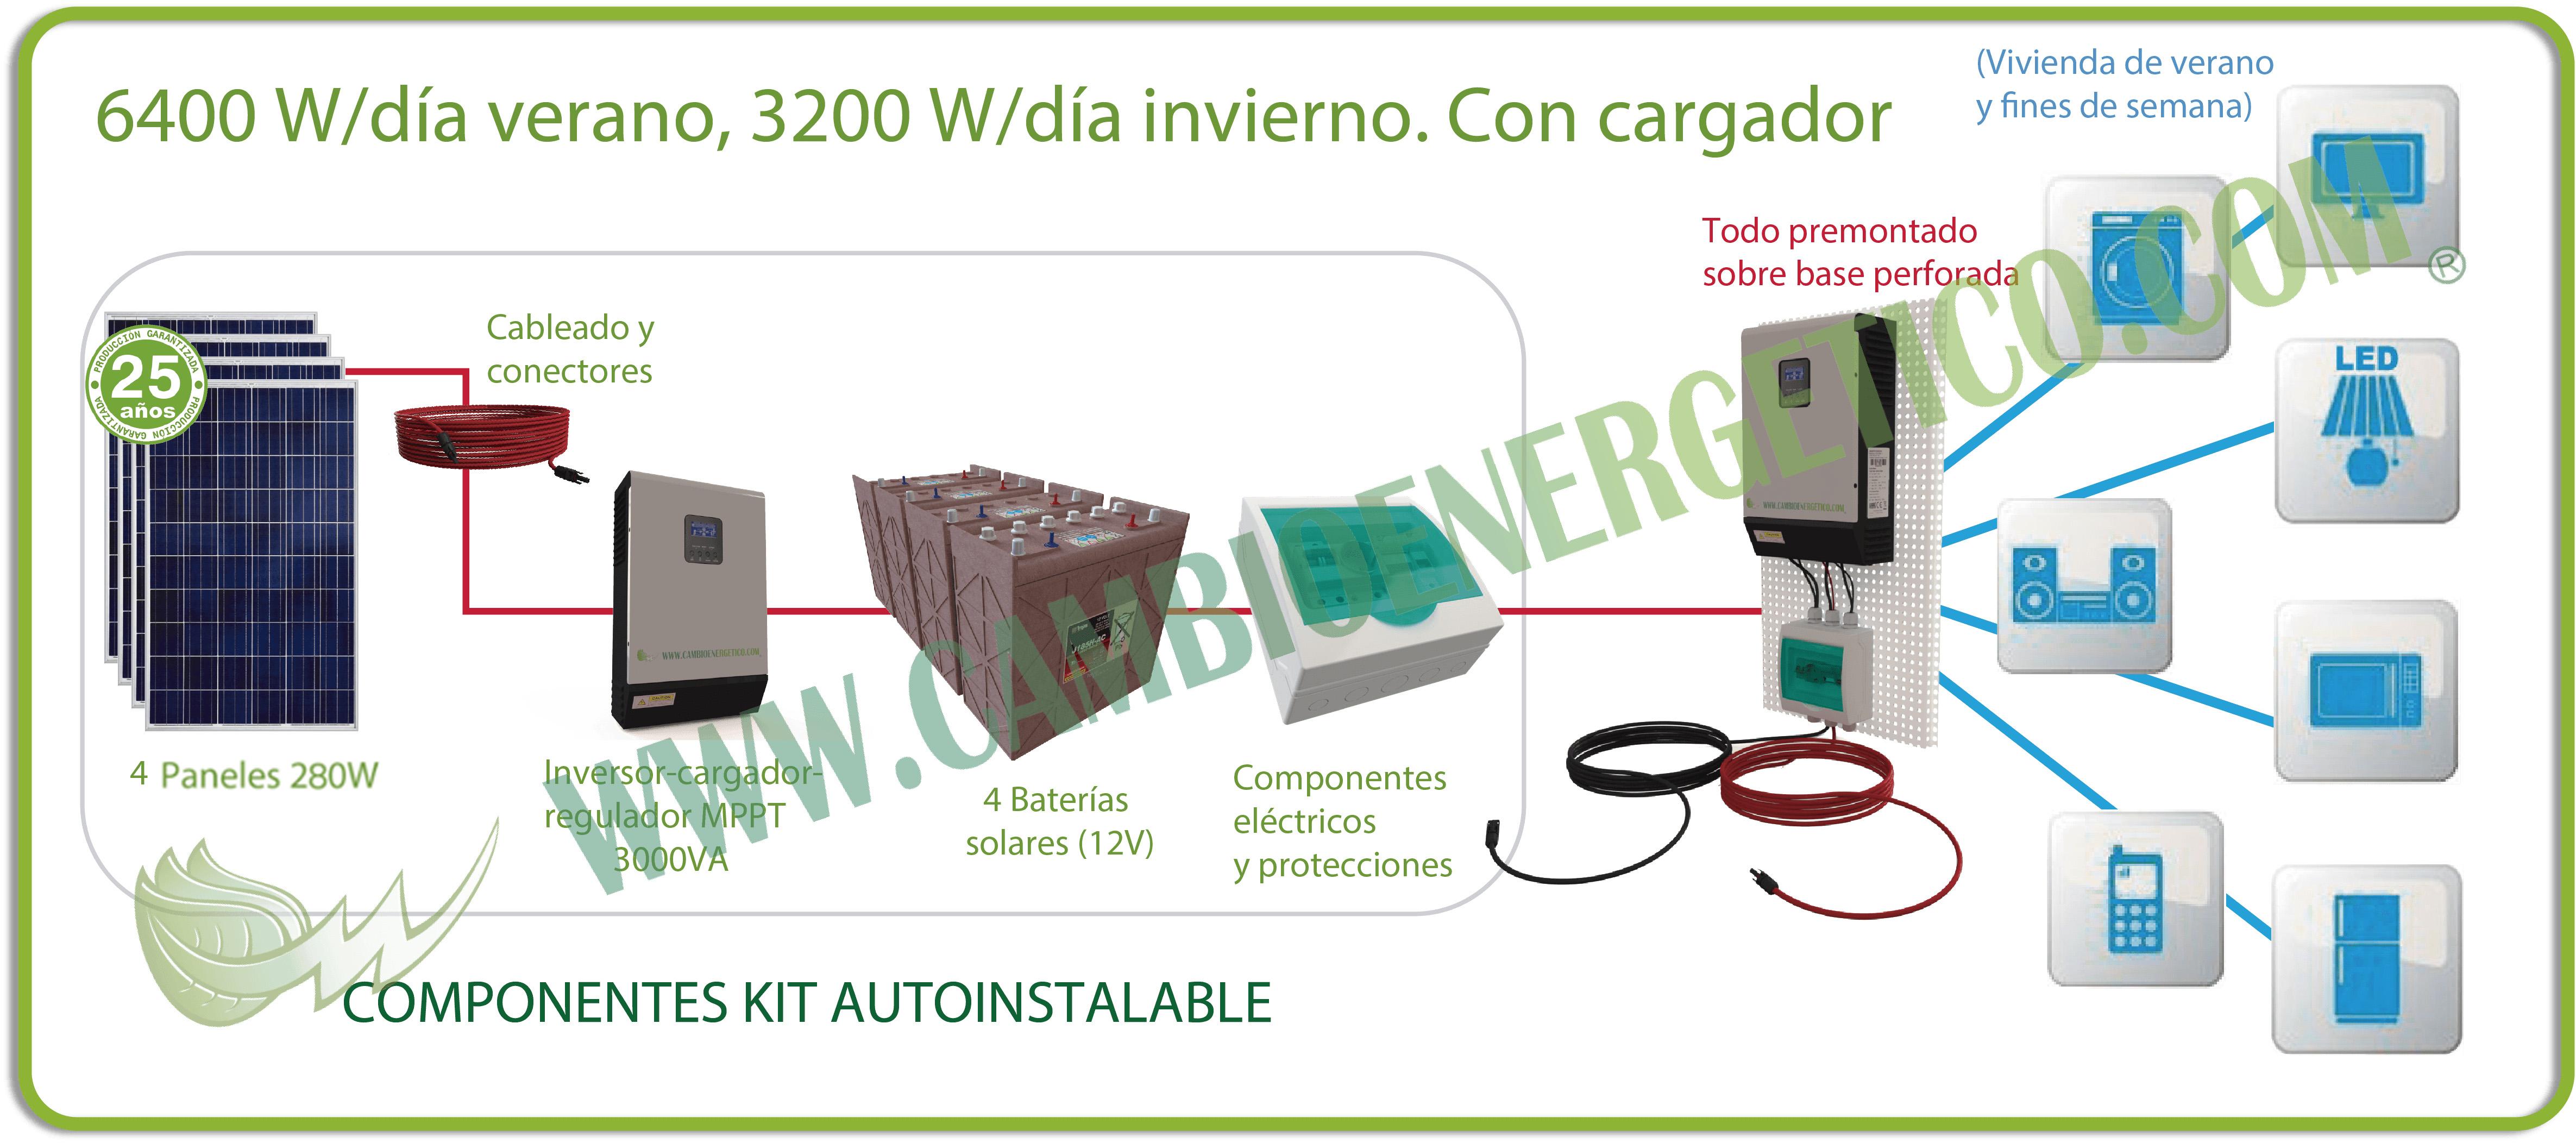 Kit solar autoconsumo con baterías 6400 W/D verano, 3200 W/D invierno